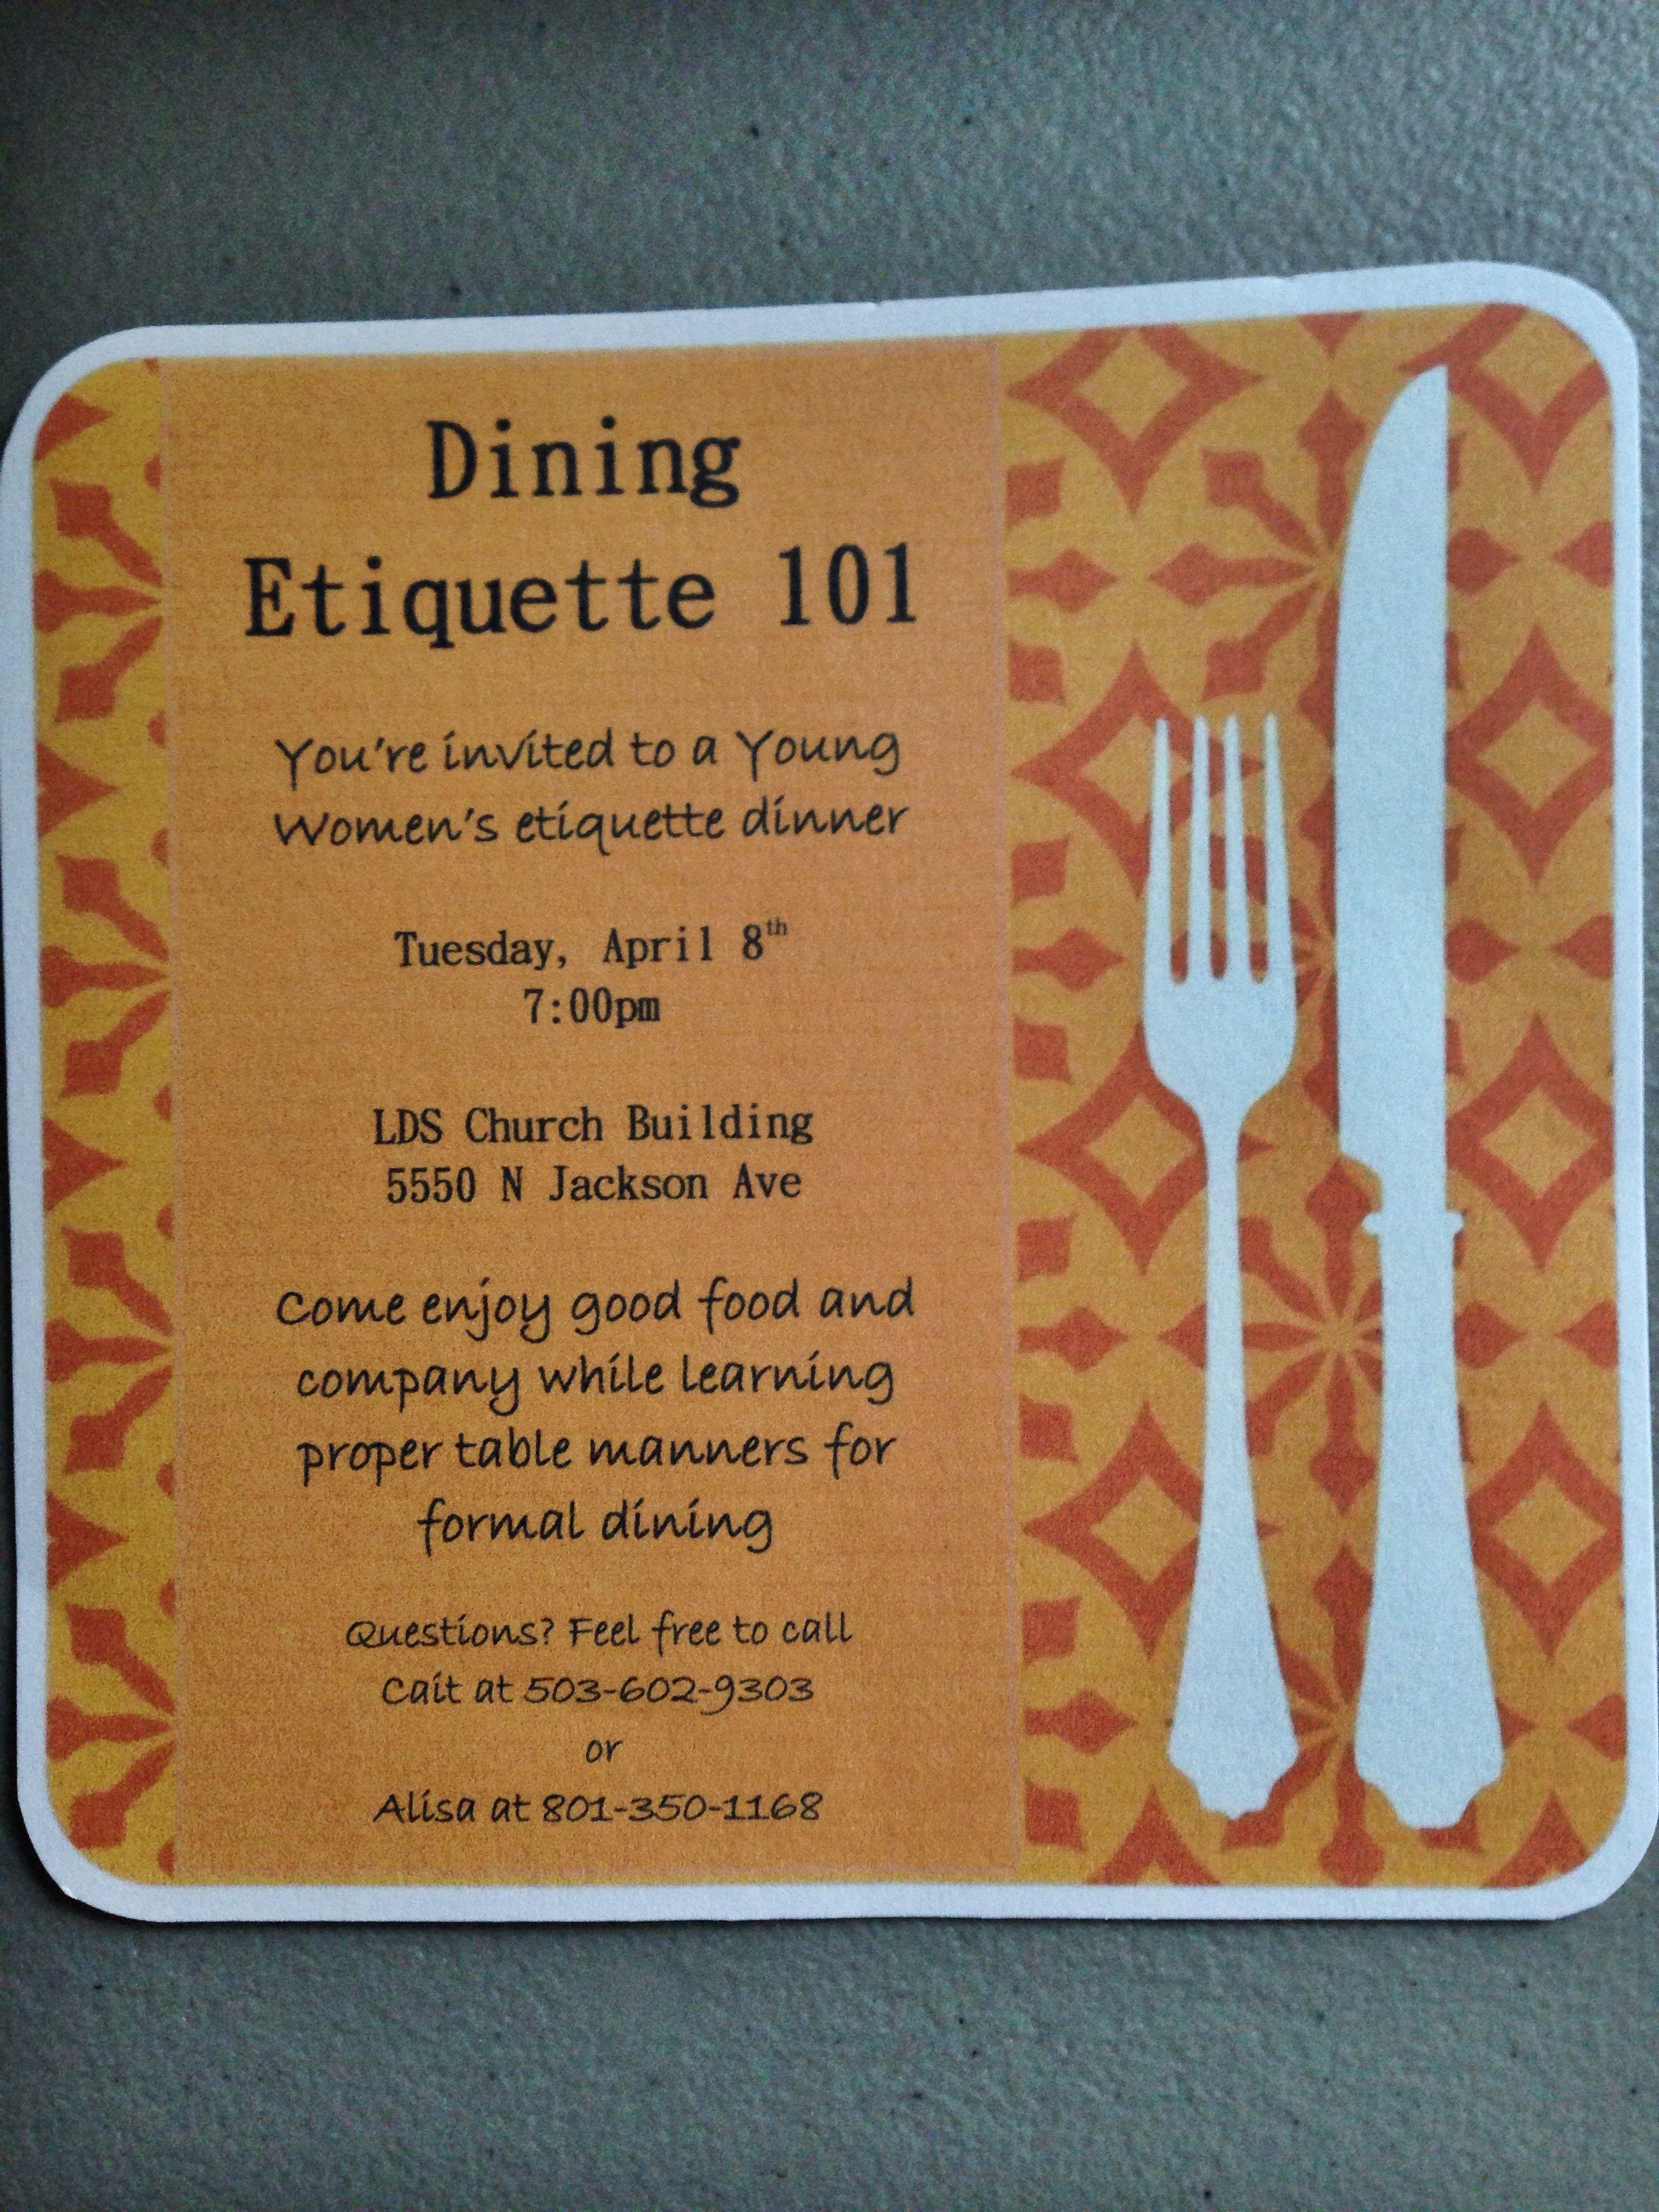 Progressive Dinner andor Etiquette Night Progressive dinner could